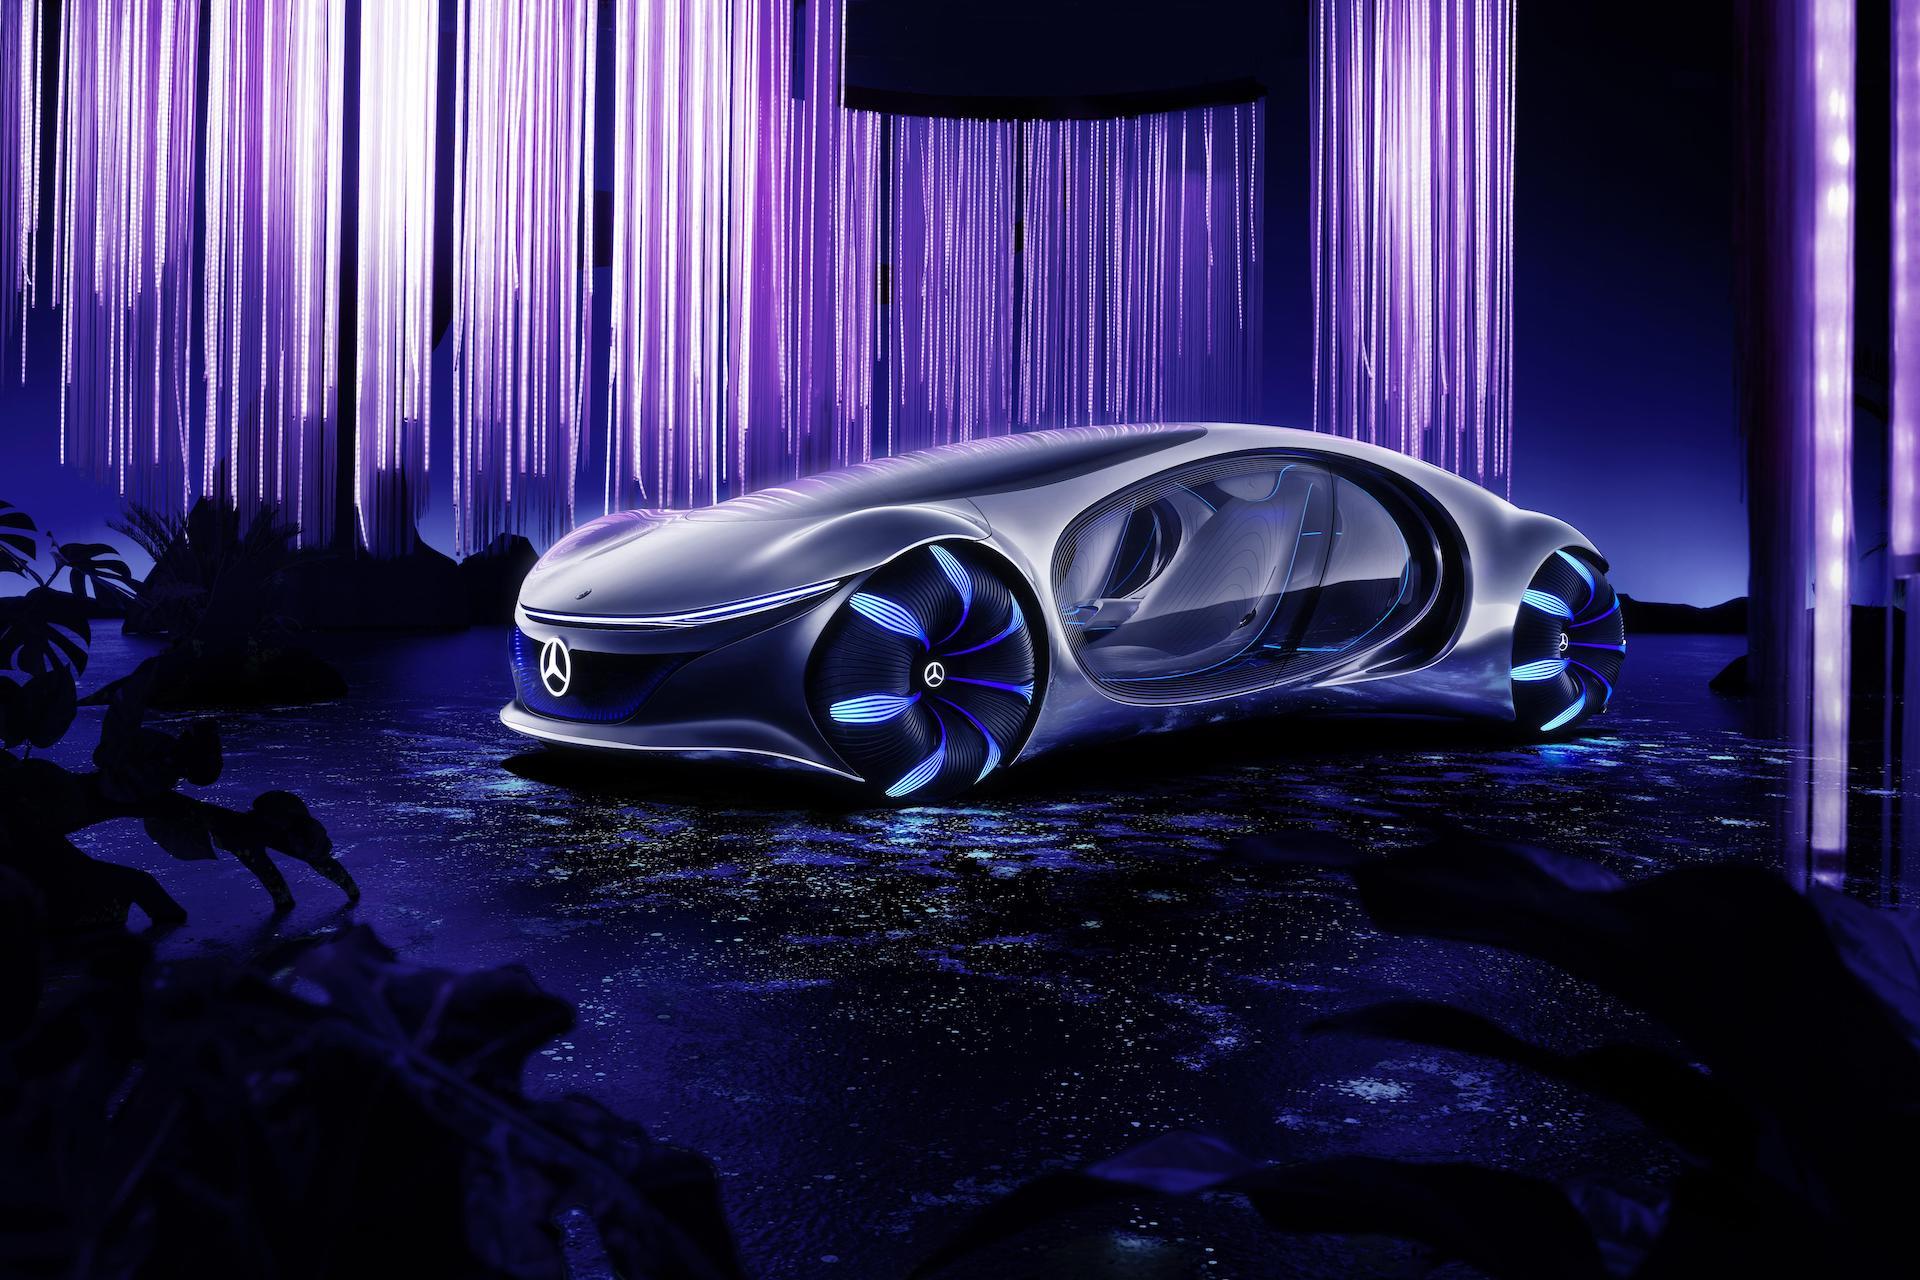 Este es el nuevo prototipo de Mercedes-Benz inspirado en Avatar